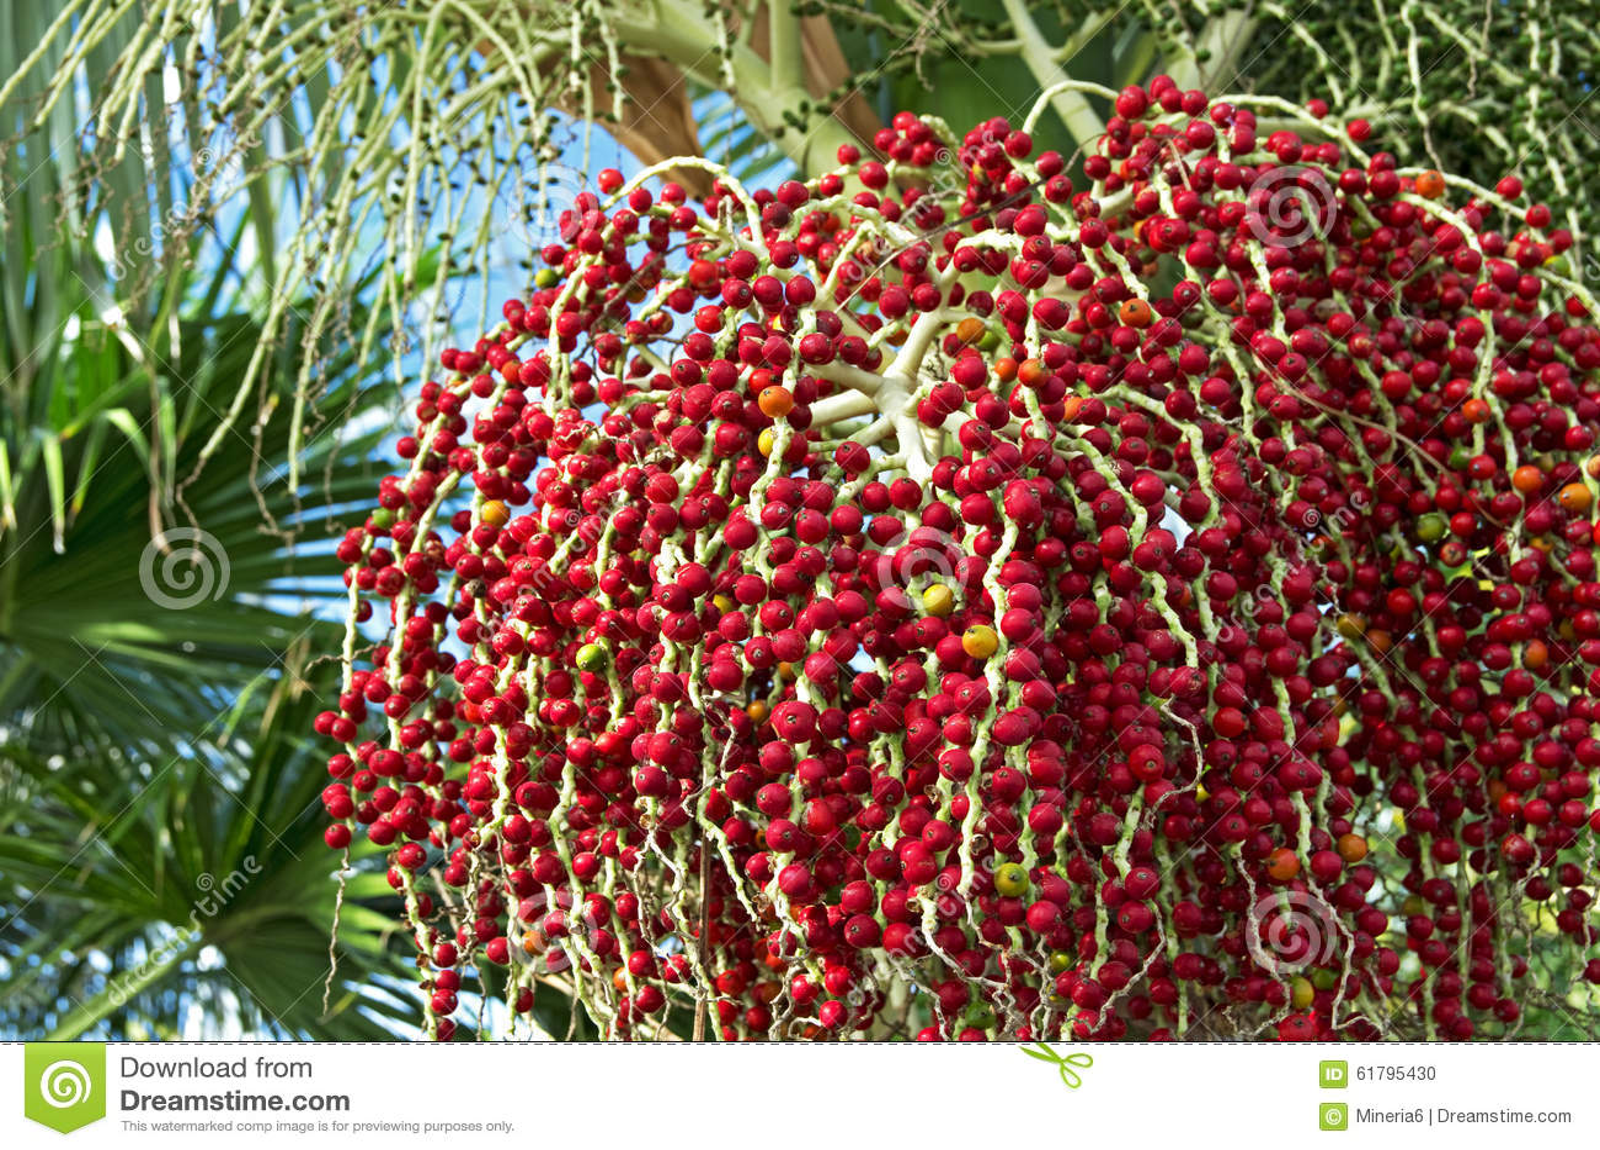 bangalow palm seeds stock photo image 61795430